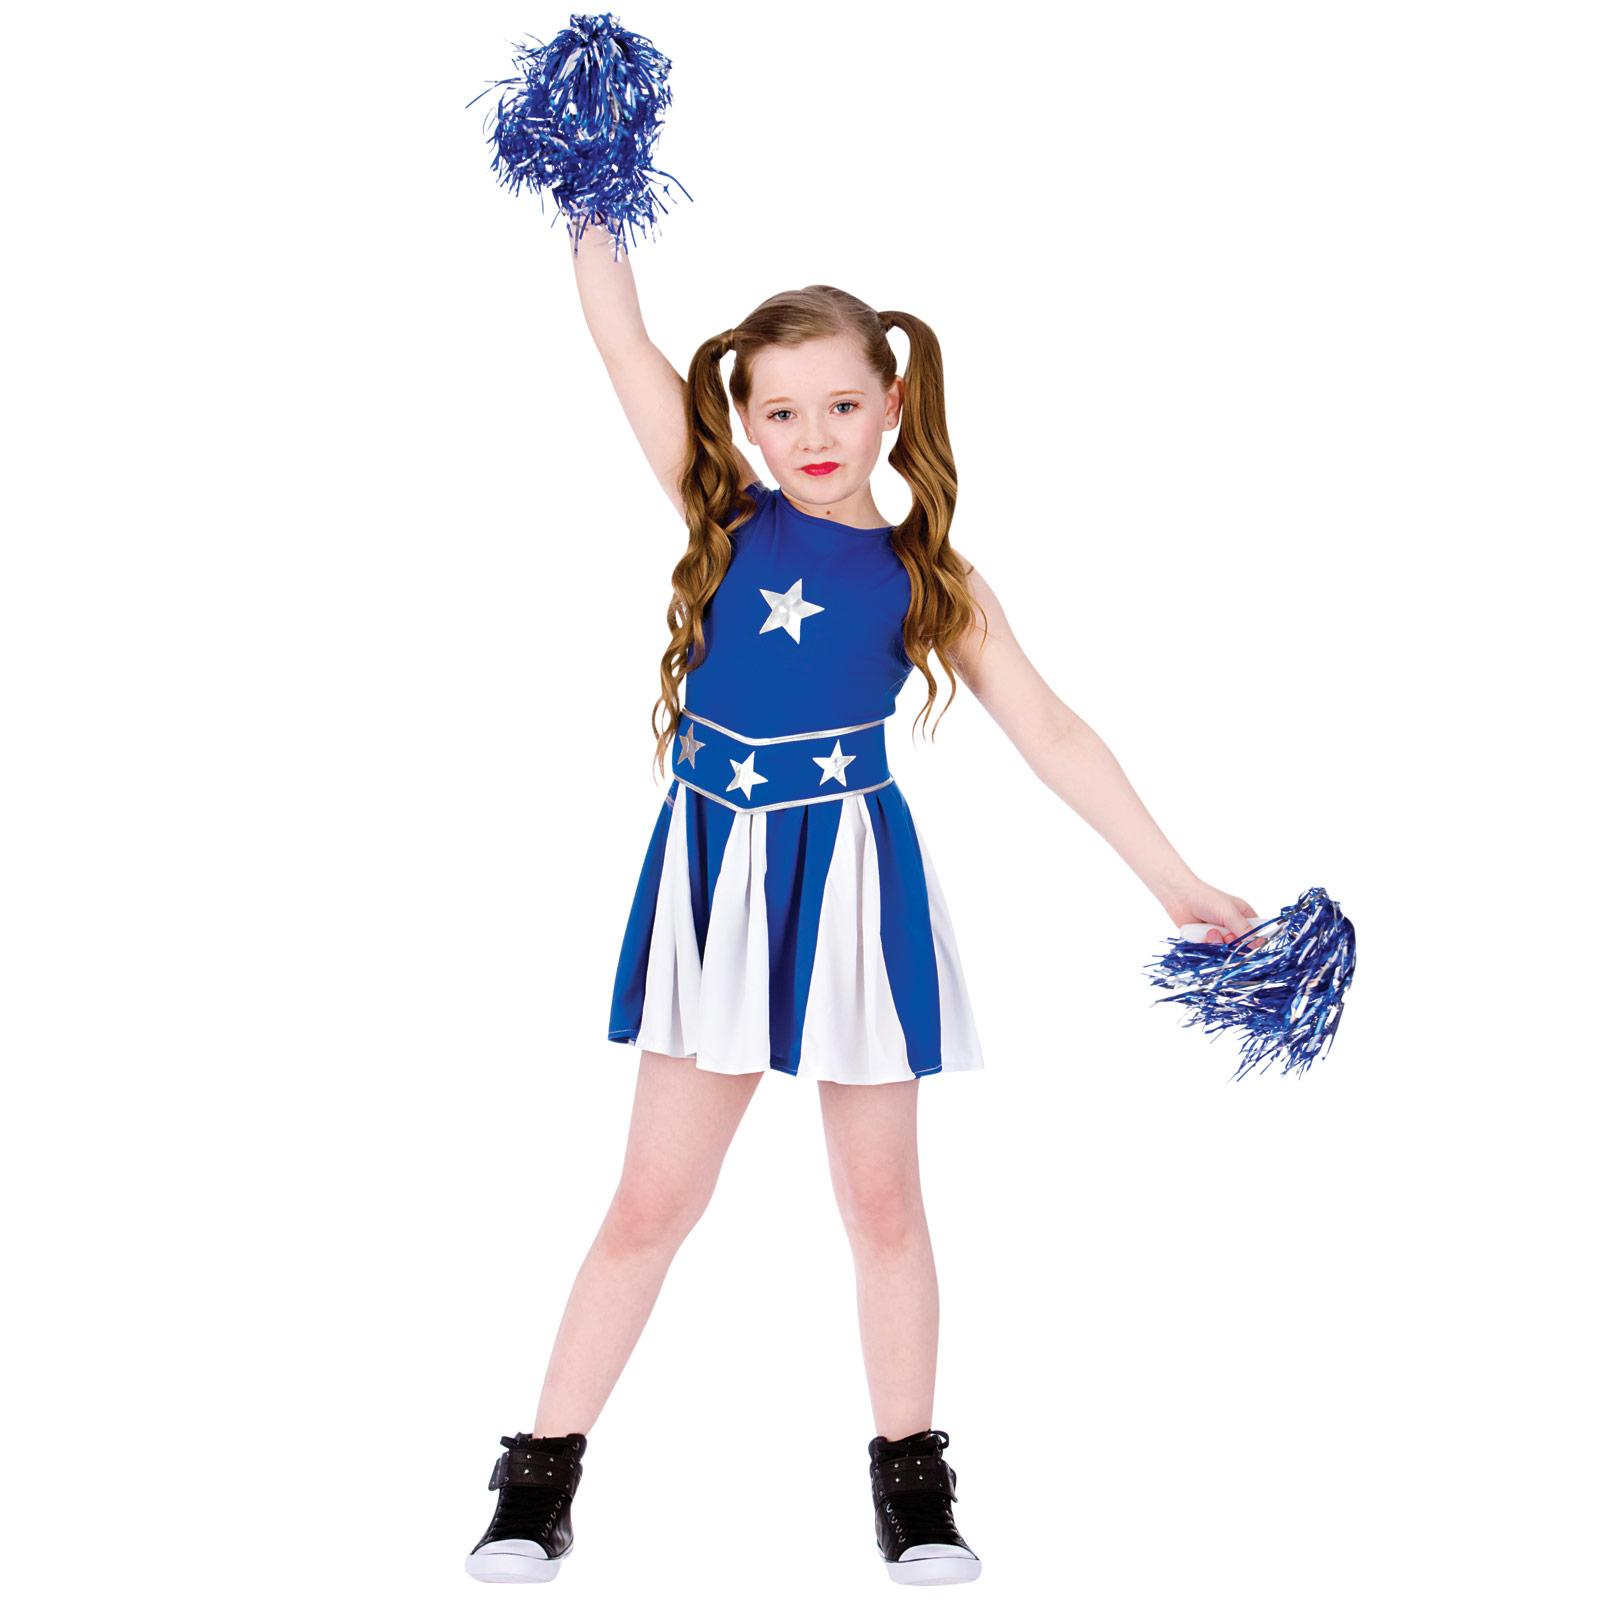 Kids High School Cheerleader Cheer Dress Halloween Costume